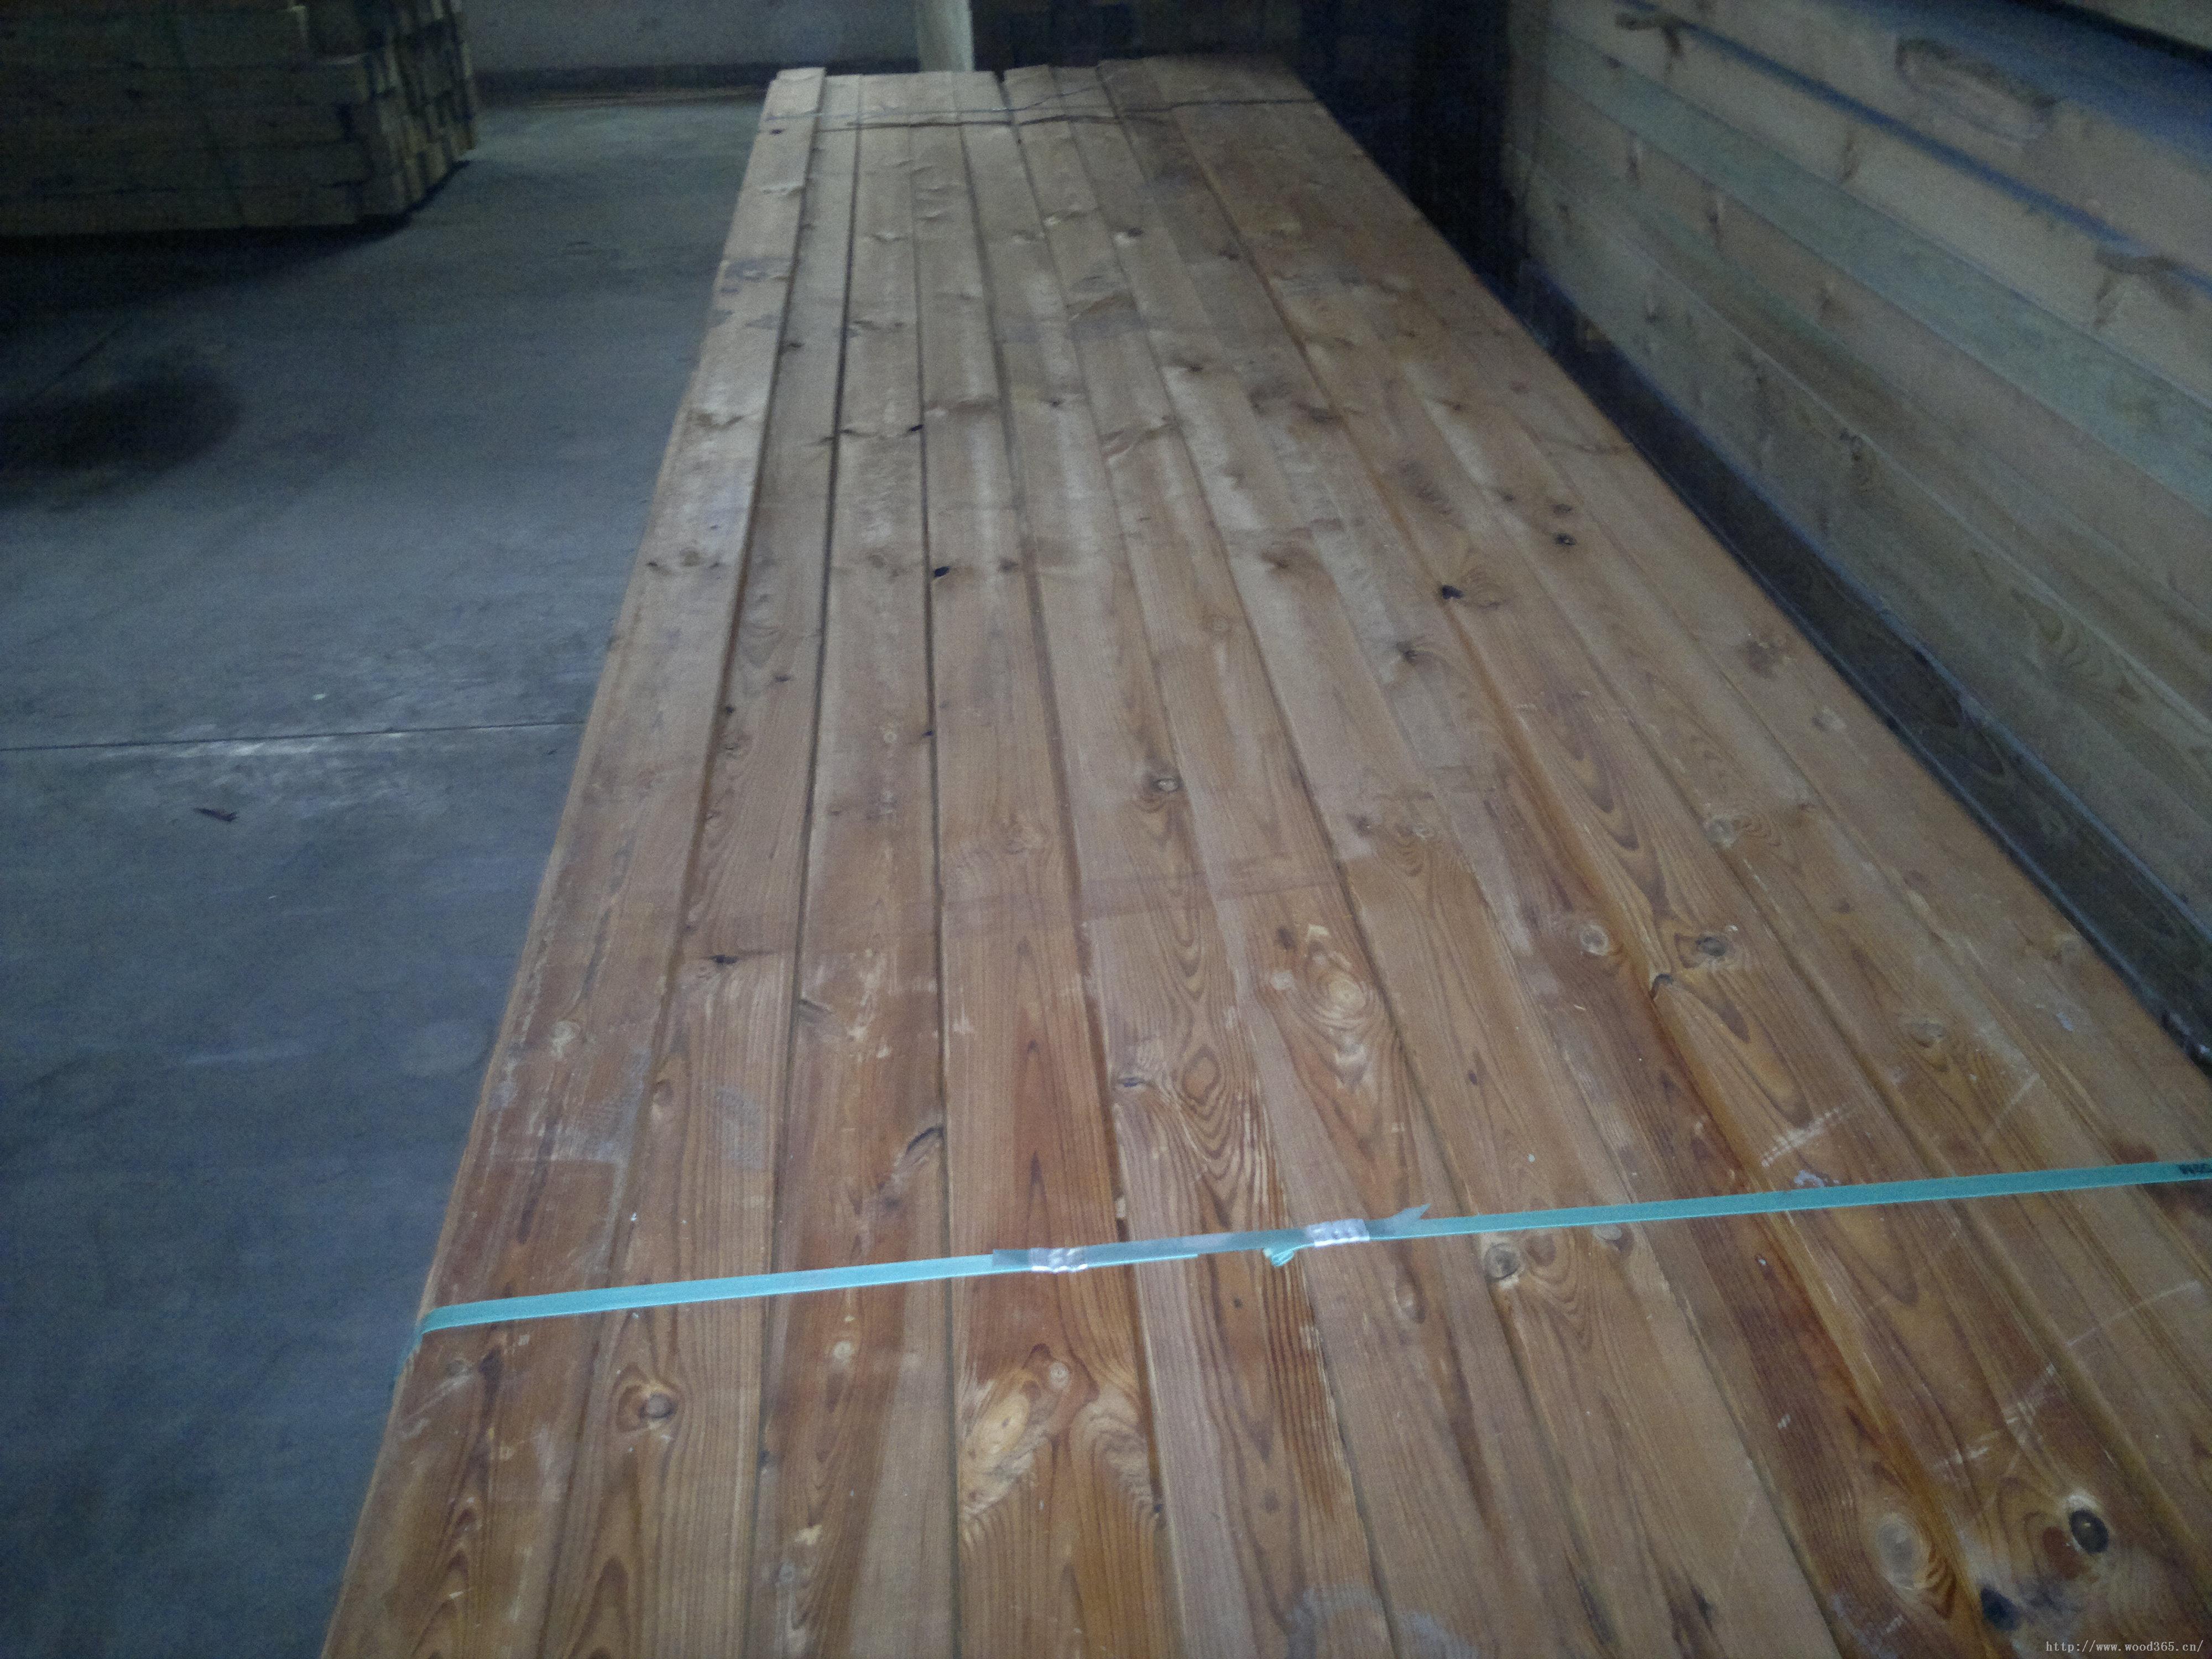 10,供应板式家具,户外家具   业务范围:      供应防腐木,木结构房屋